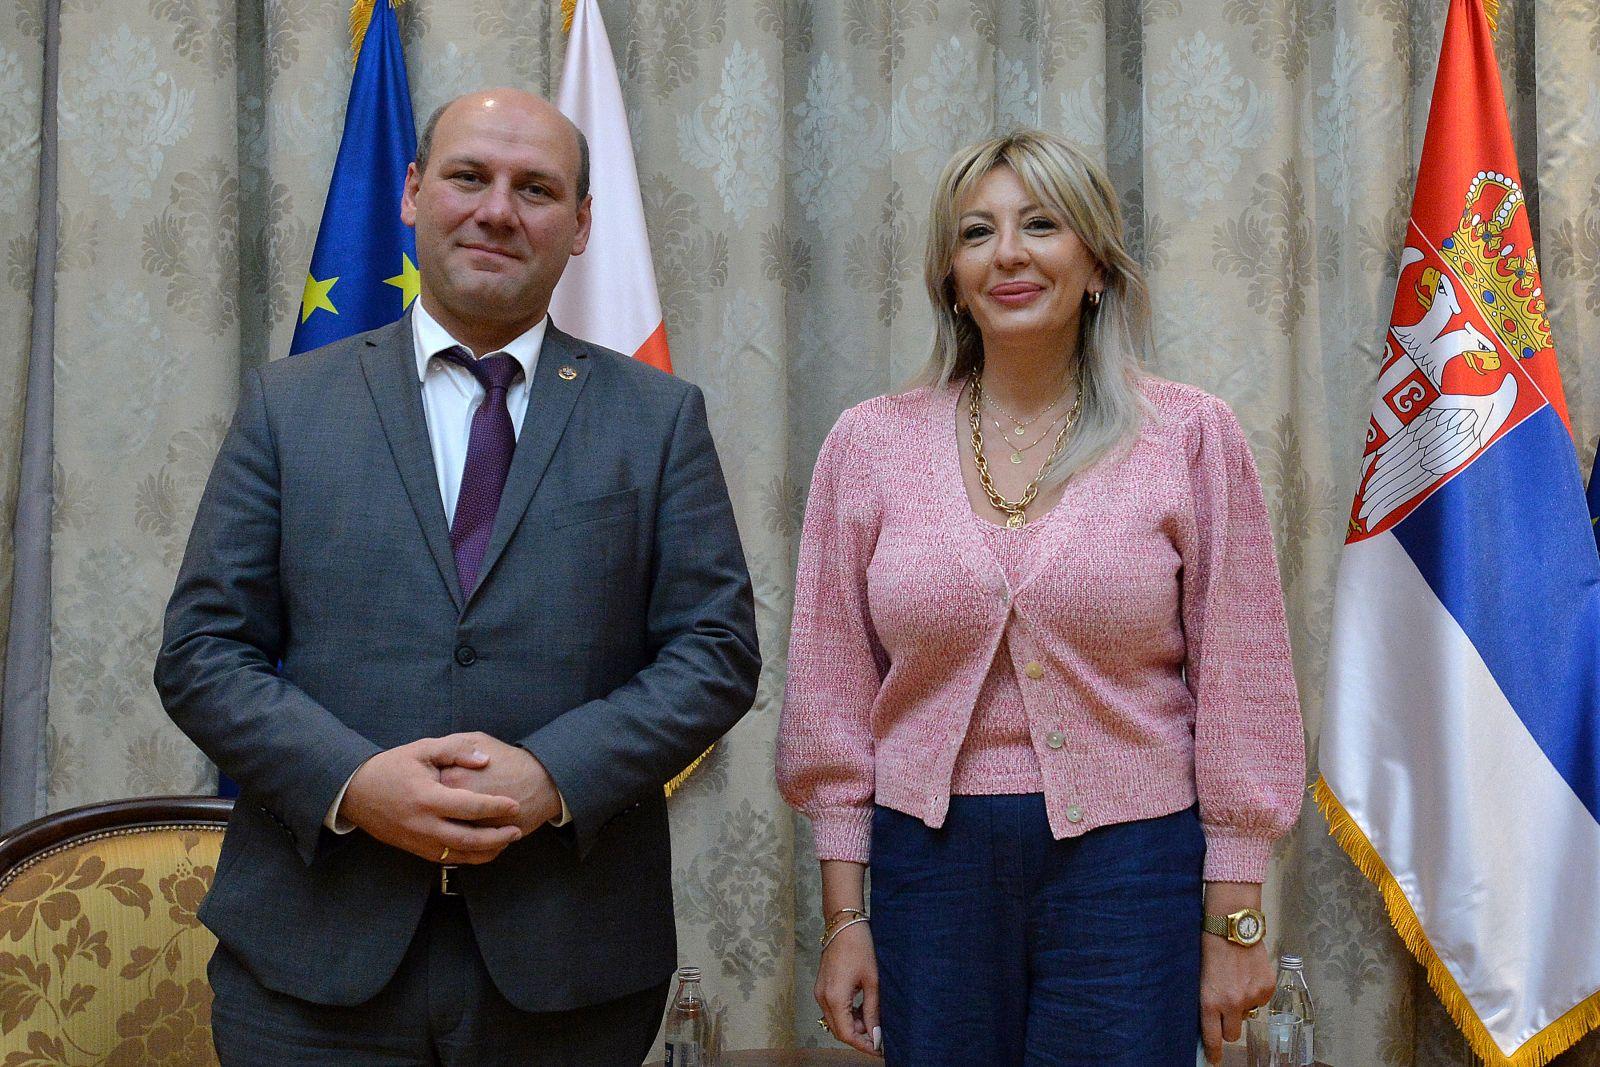 Ј. Јоксимовић и Шинковски вел Сенк: Јачање сарадње две земље